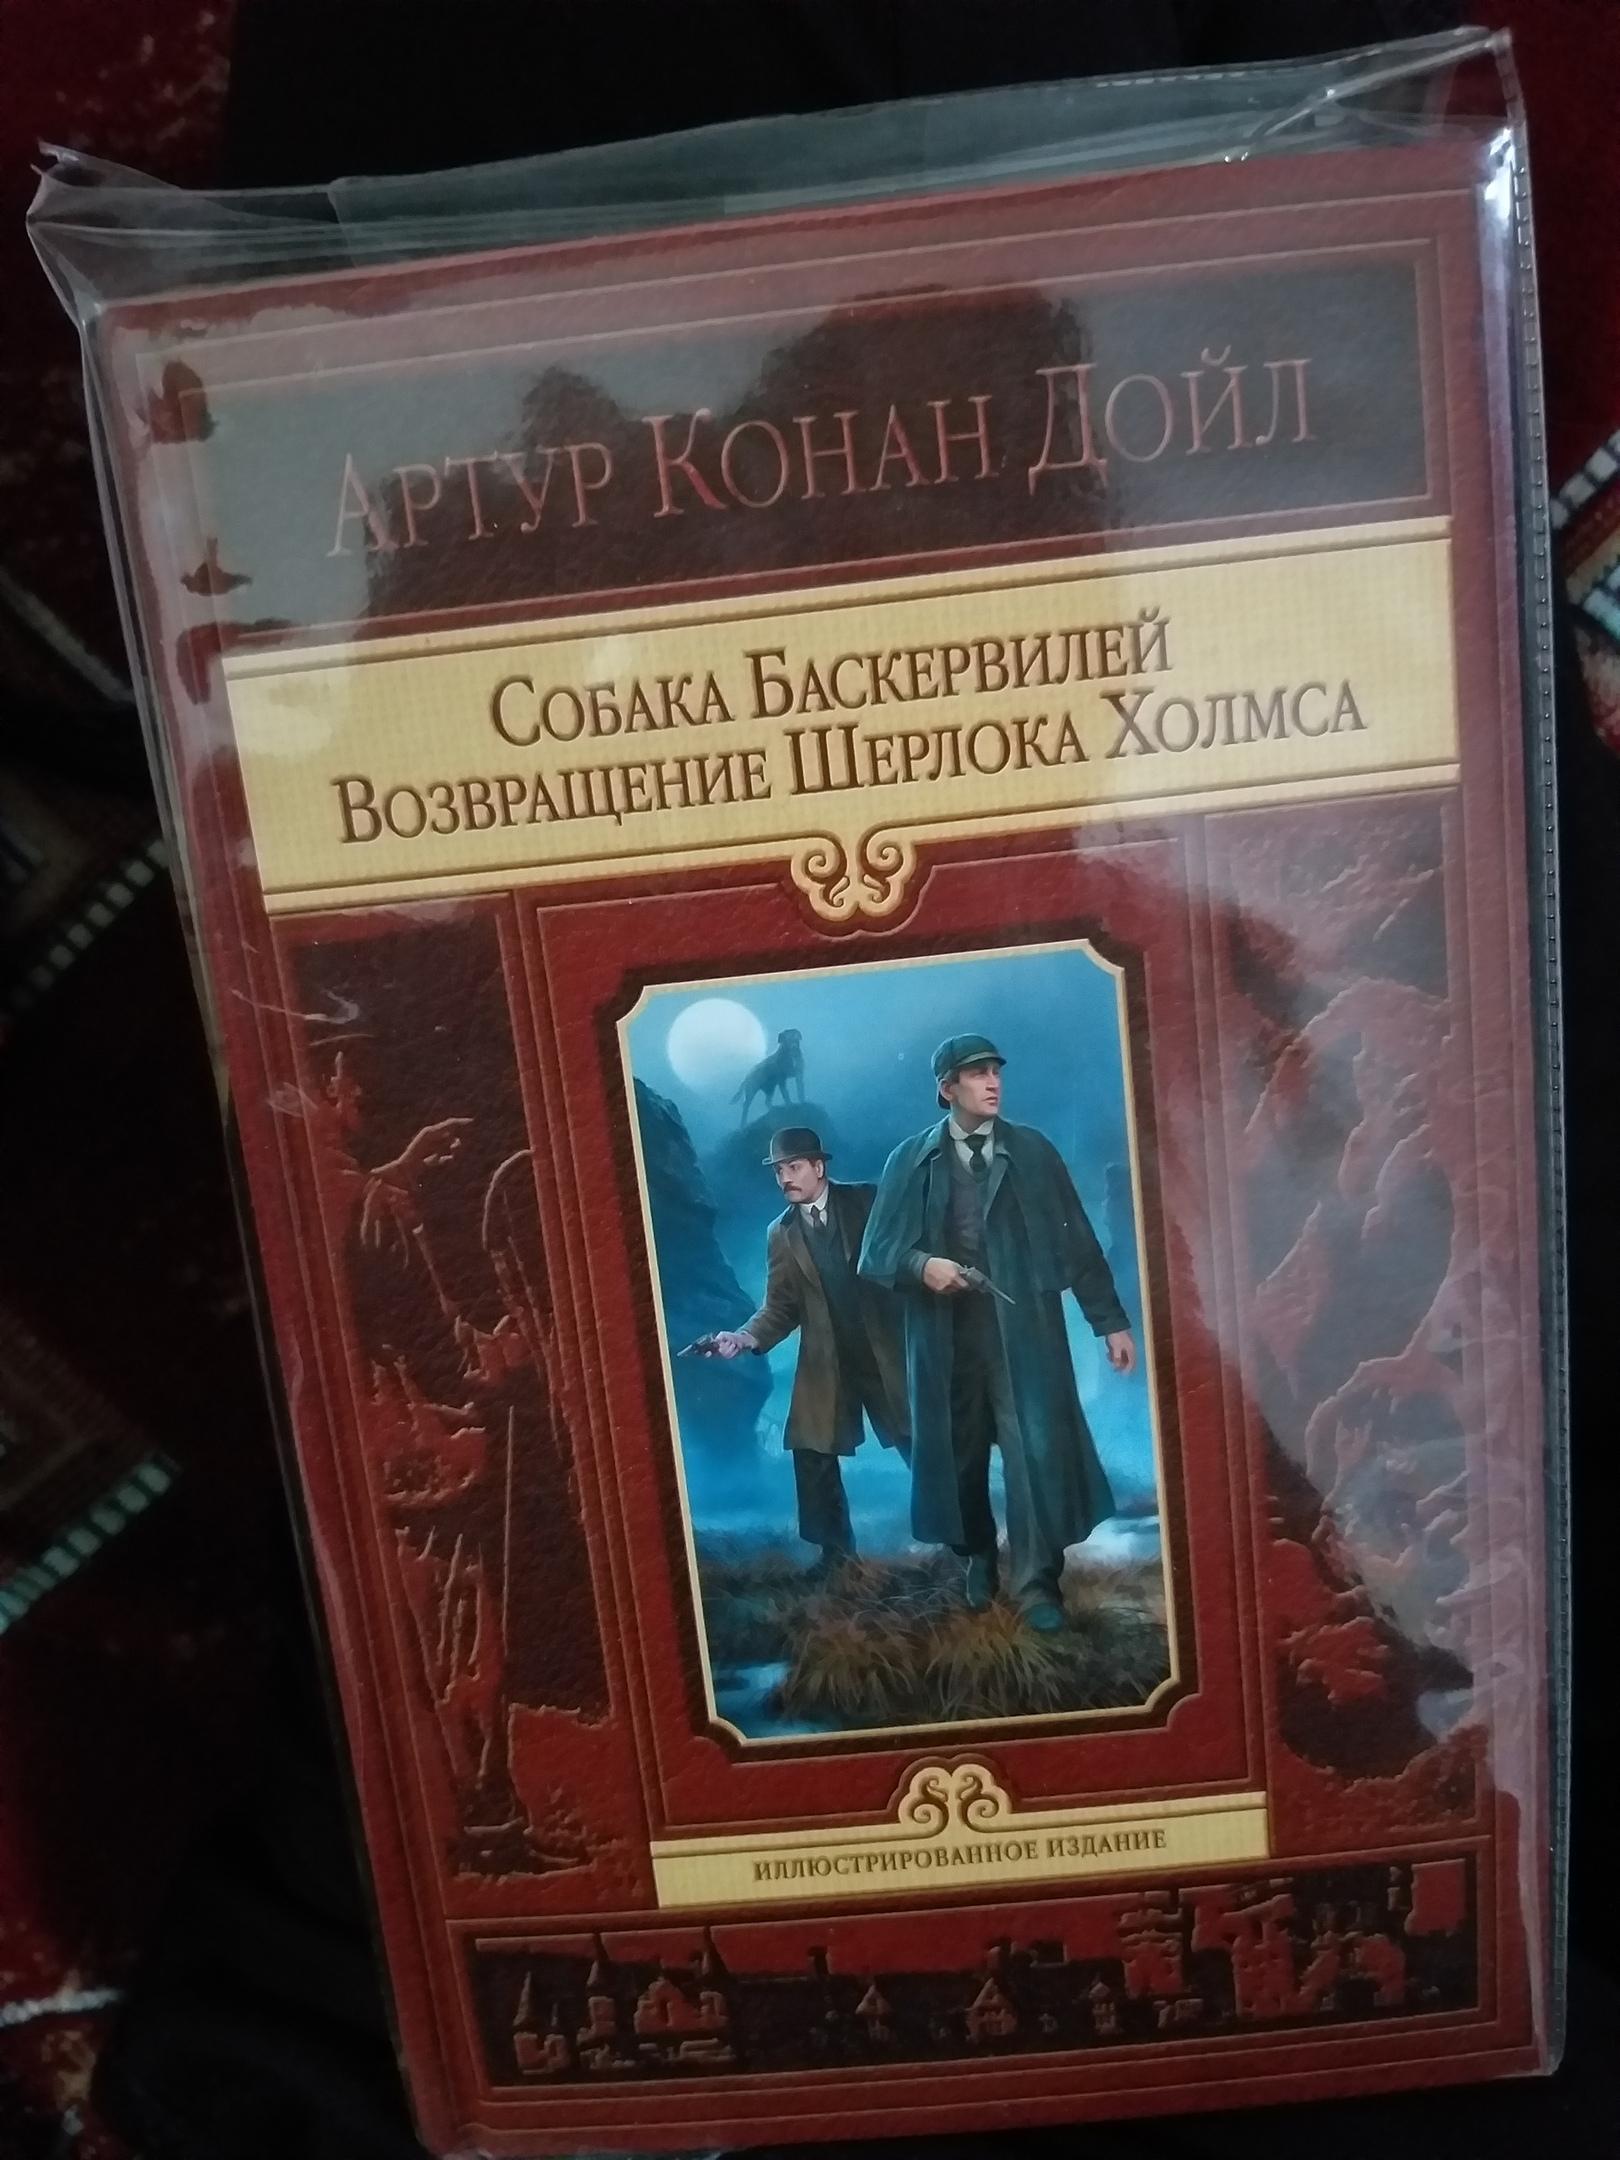 Возвращение Шерлока Холмса -800тг Любовь и пускай смеются де